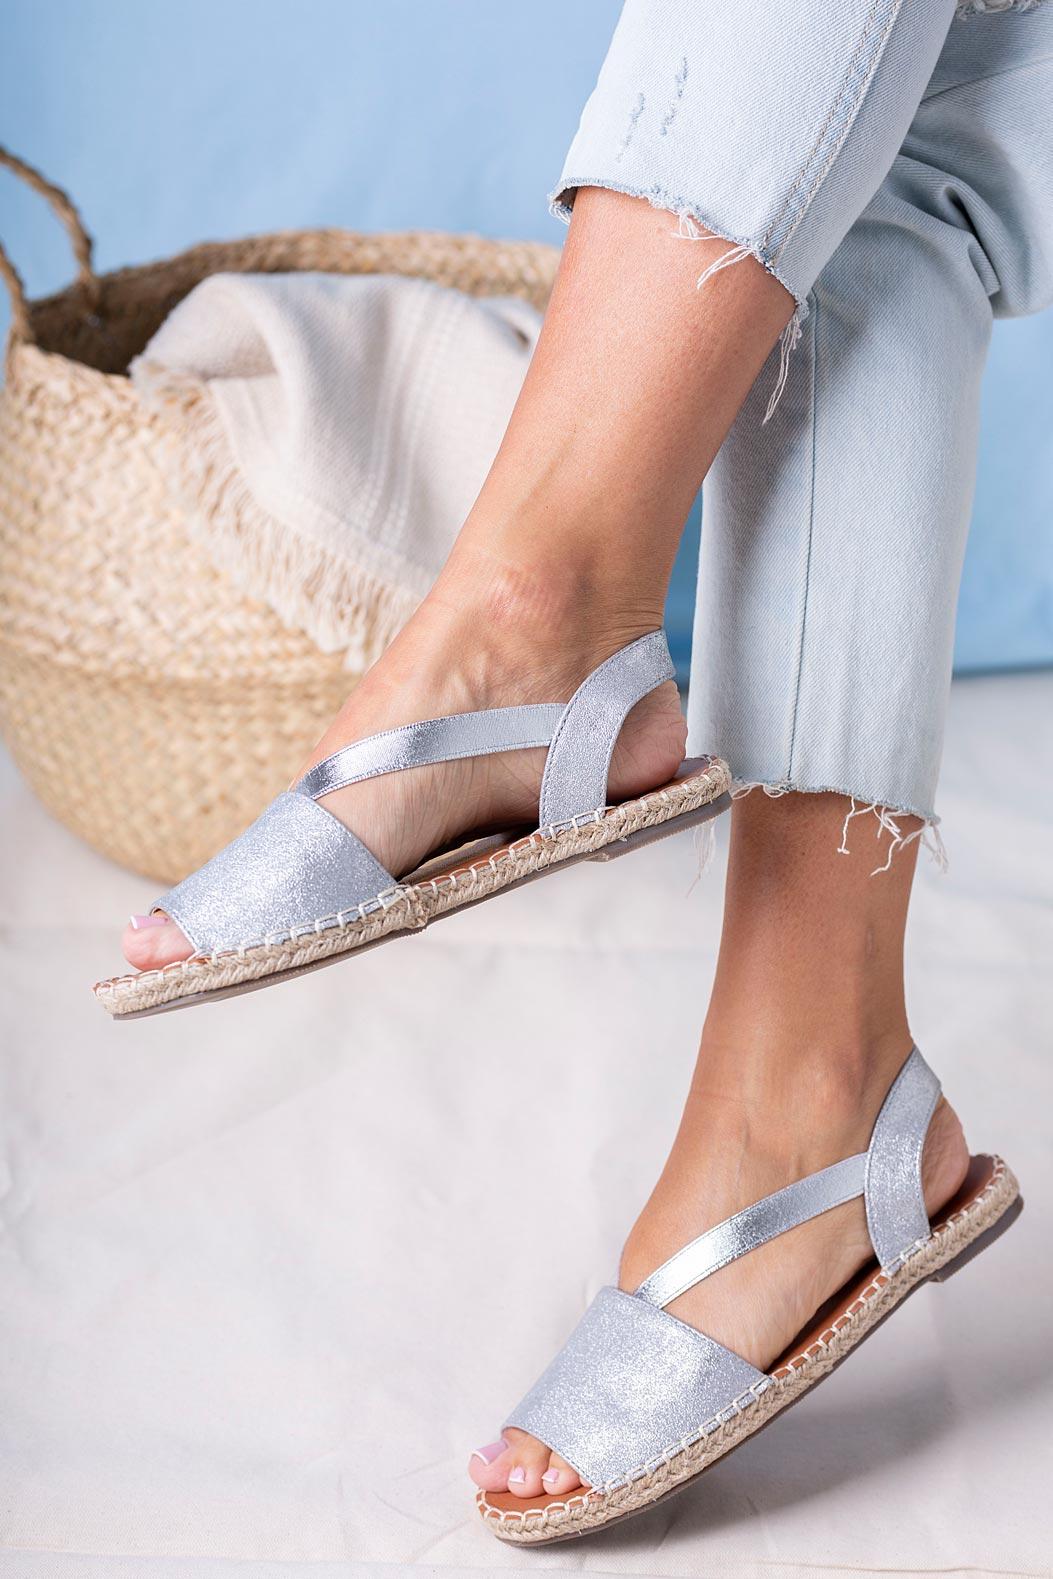 Srebrne sandały espadryle błyszczące płaskie z gumką Casu SN20X5/S srebrny